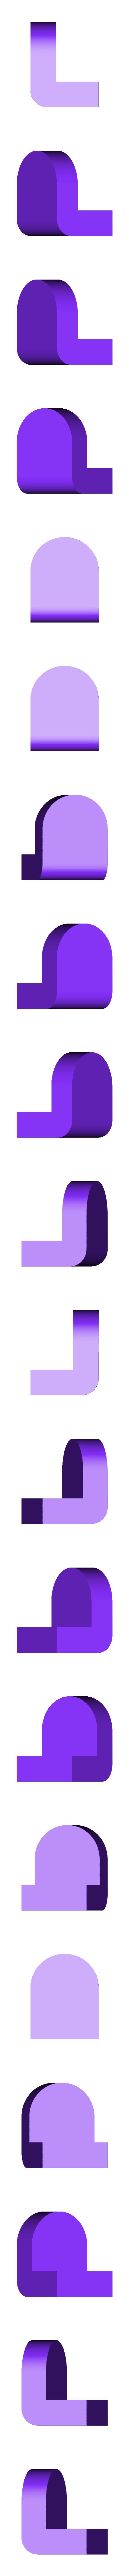 GiftBox_Toy_03.stl Télécharger fichier STL gratuit Jouet de Noël • Design à imprimer en 3D, Jwoong